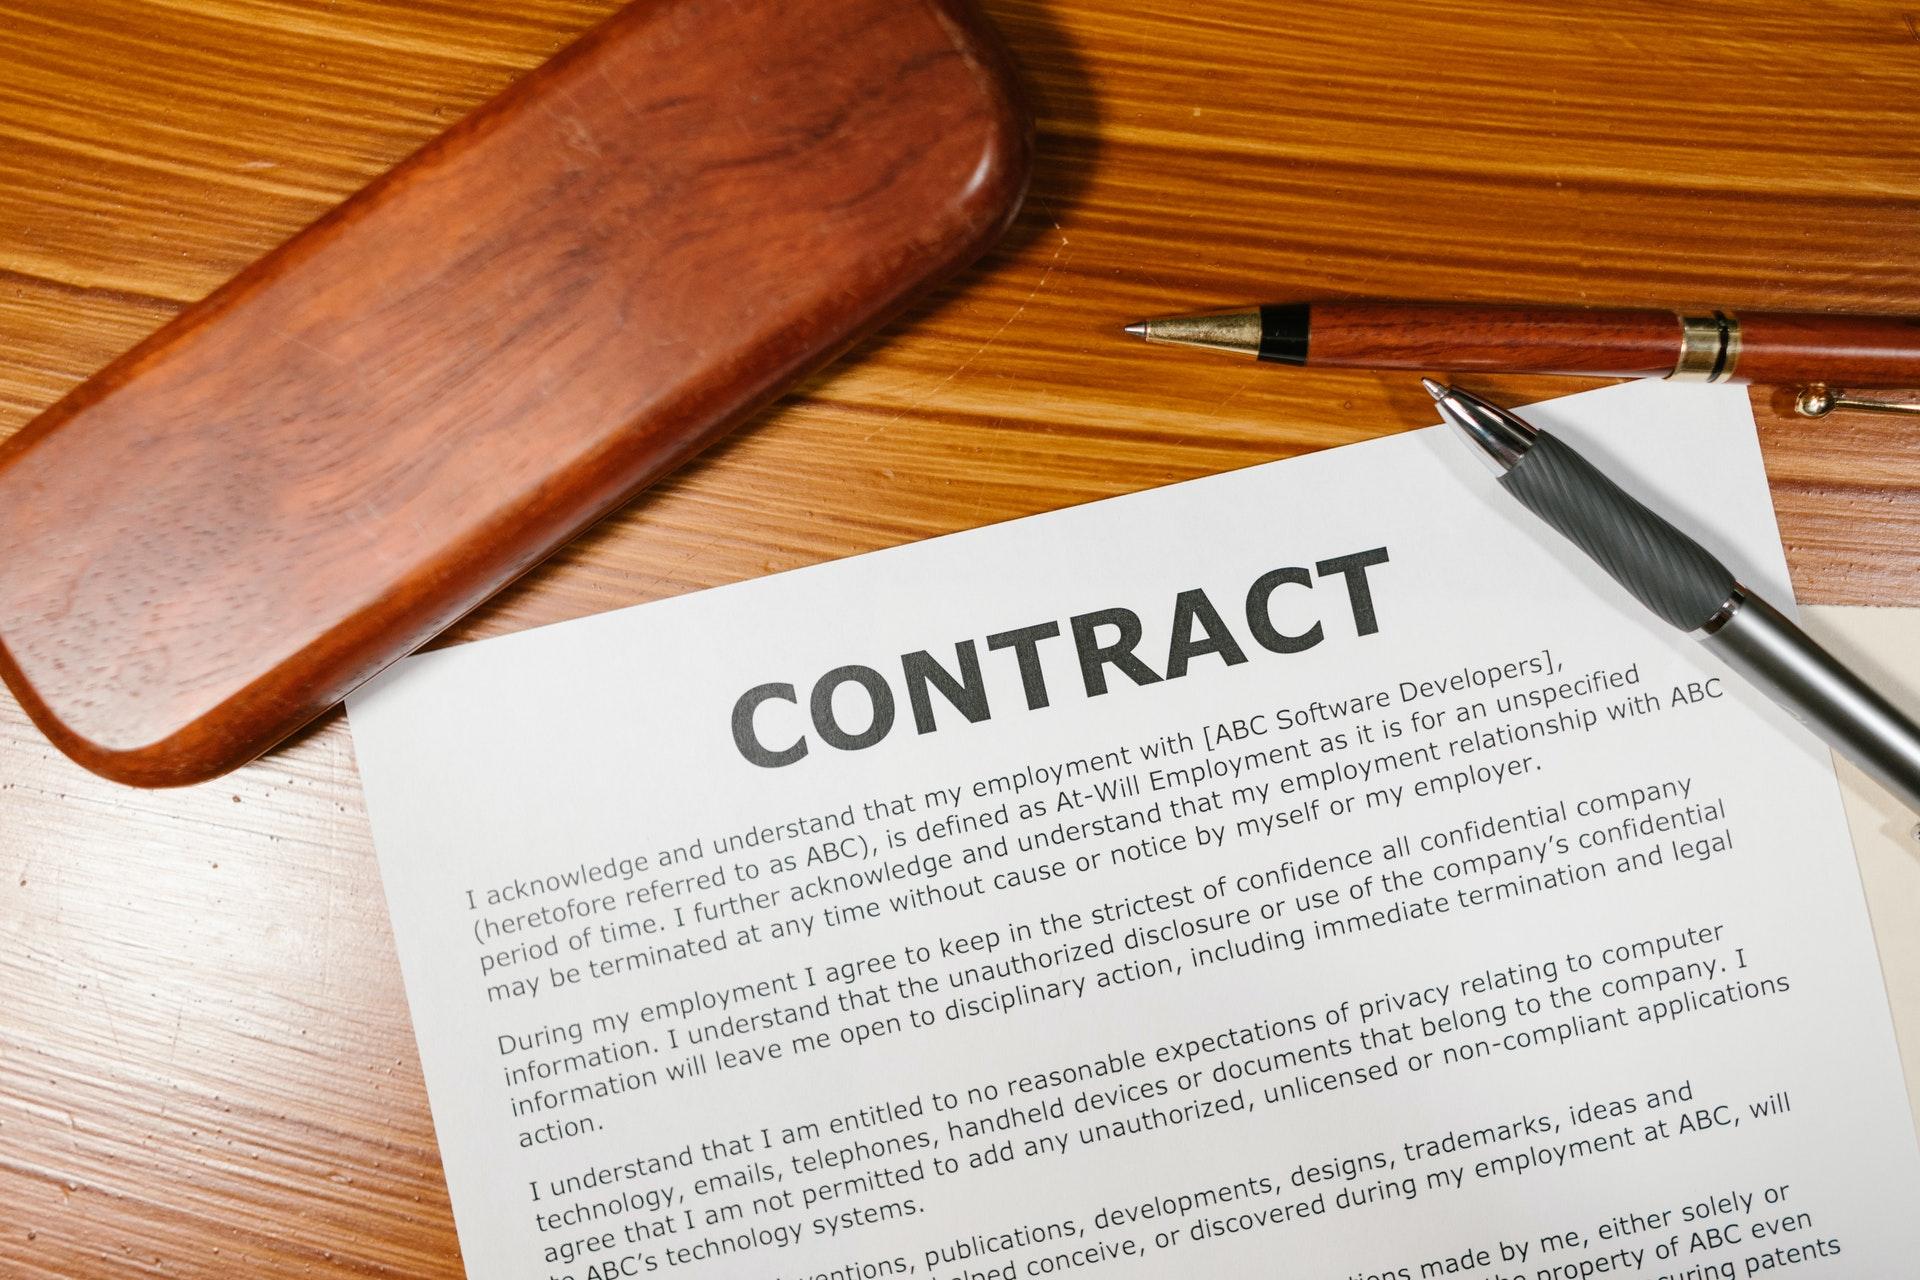 Imagem de um contrato e uma cena em cima dele. Imagem ilustrativa texto licenciamento e fraquia.